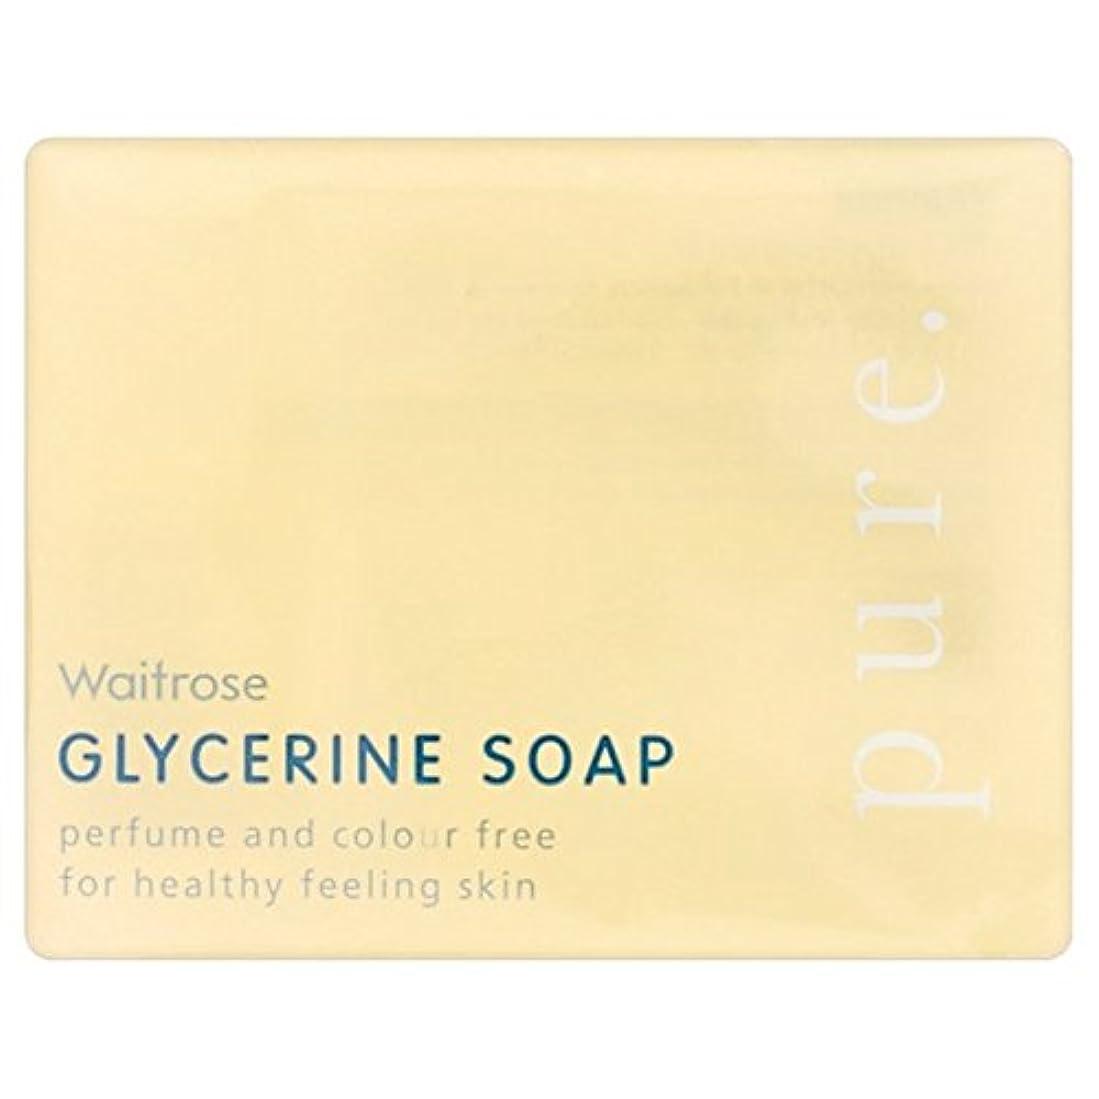 実施する十一ブランドPure Glycerine Soap Waitrose 100g - 純粋なグリセリンソープウェイトローズの100グラム [並行輸入品]